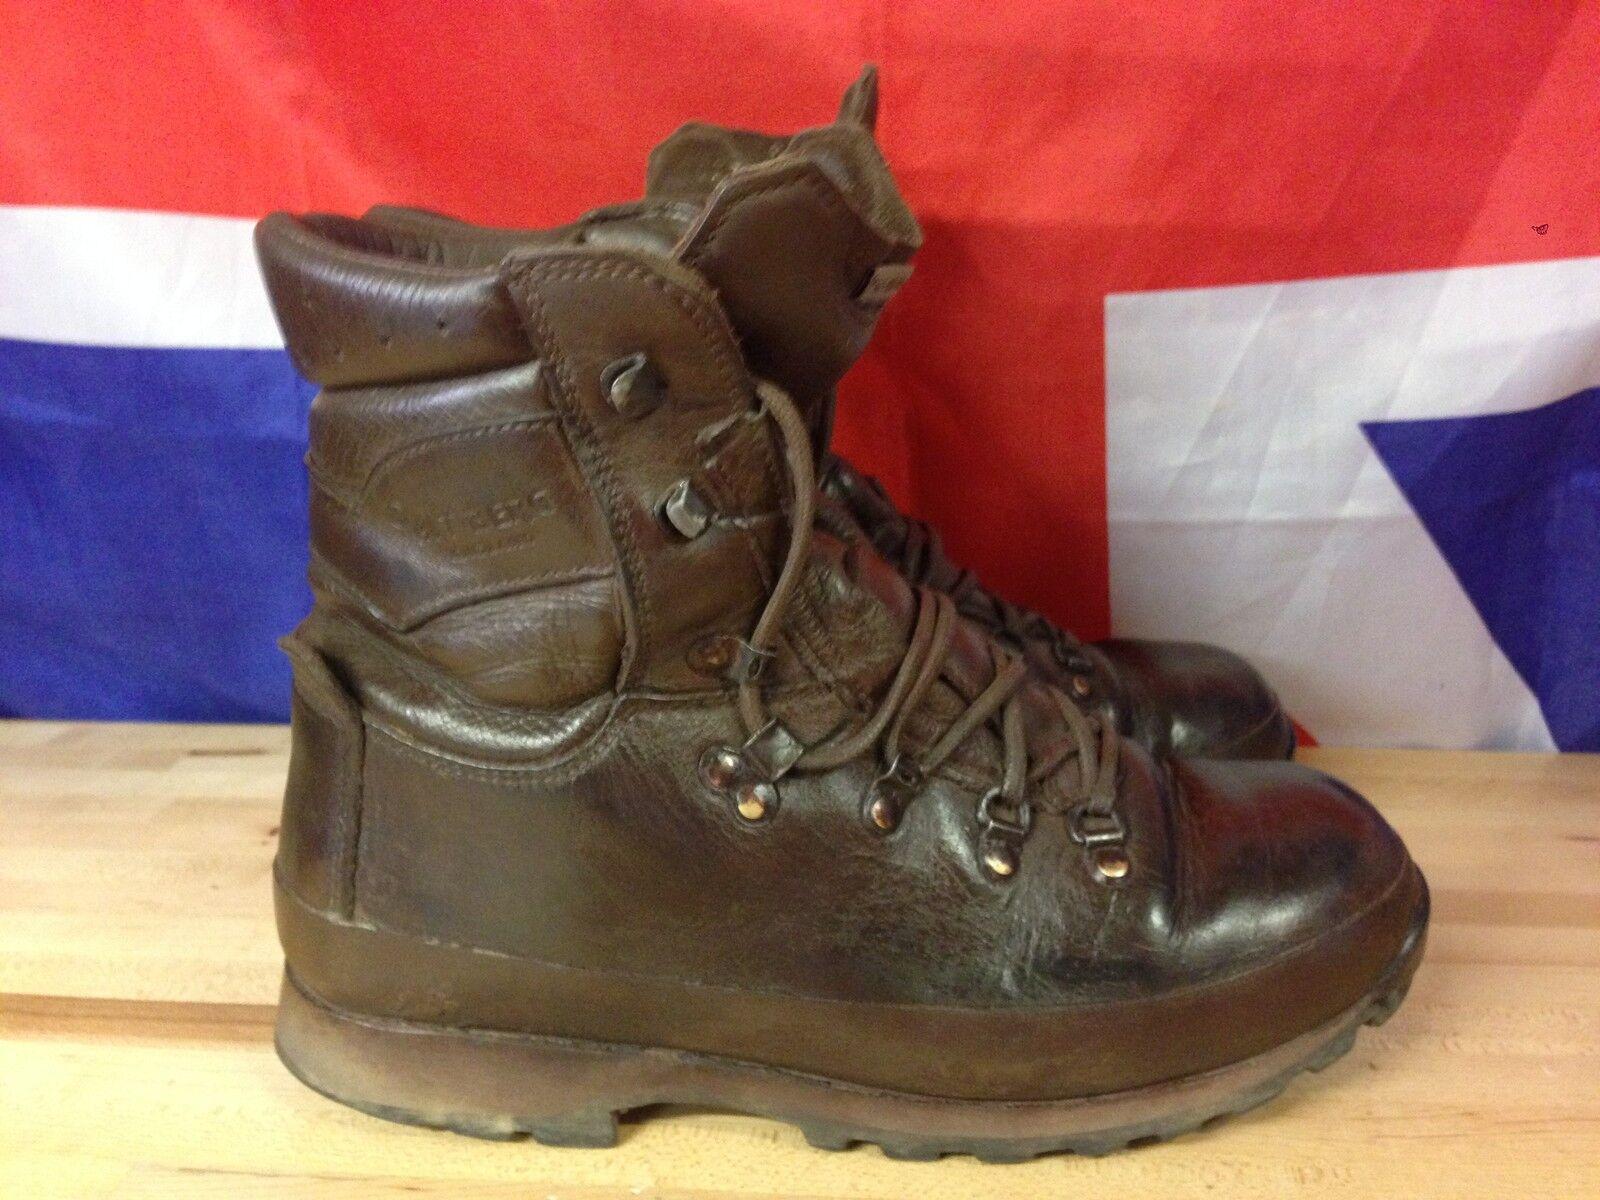 Genuine British Army Braun Alt-Berg Defender  Altberg Combat Stiefel Stiefel Stiefel Grade 1 91c0d8